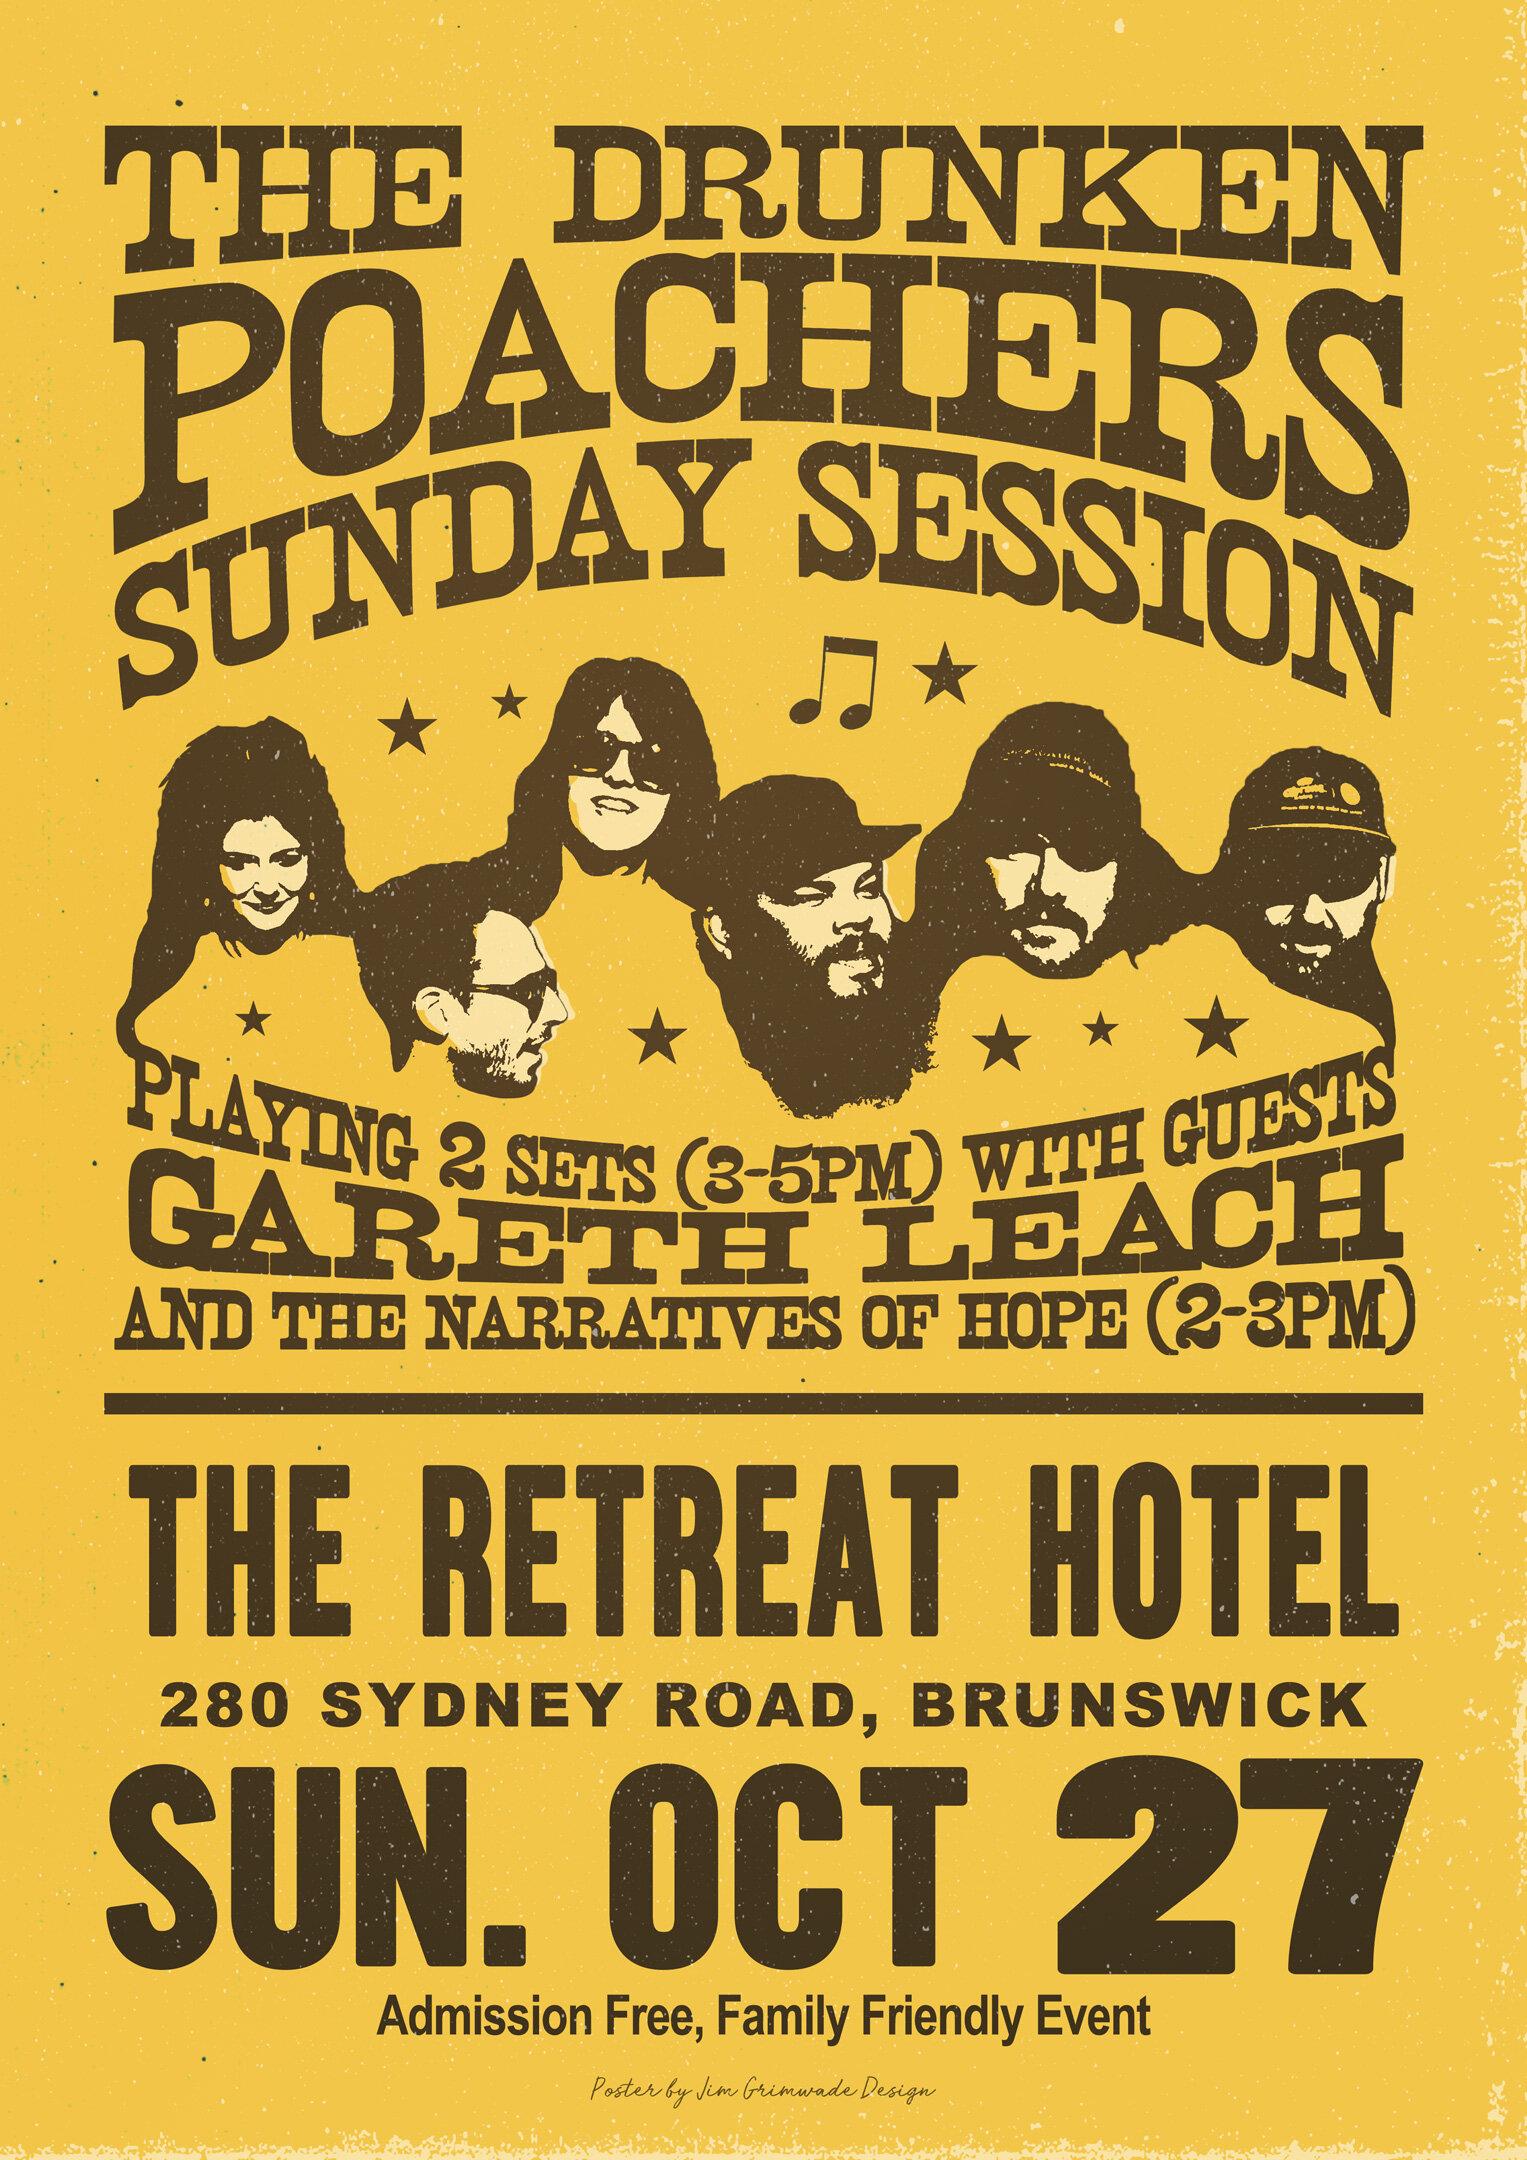 Poachers-Sunday-Sess_poster_WEB.jpg